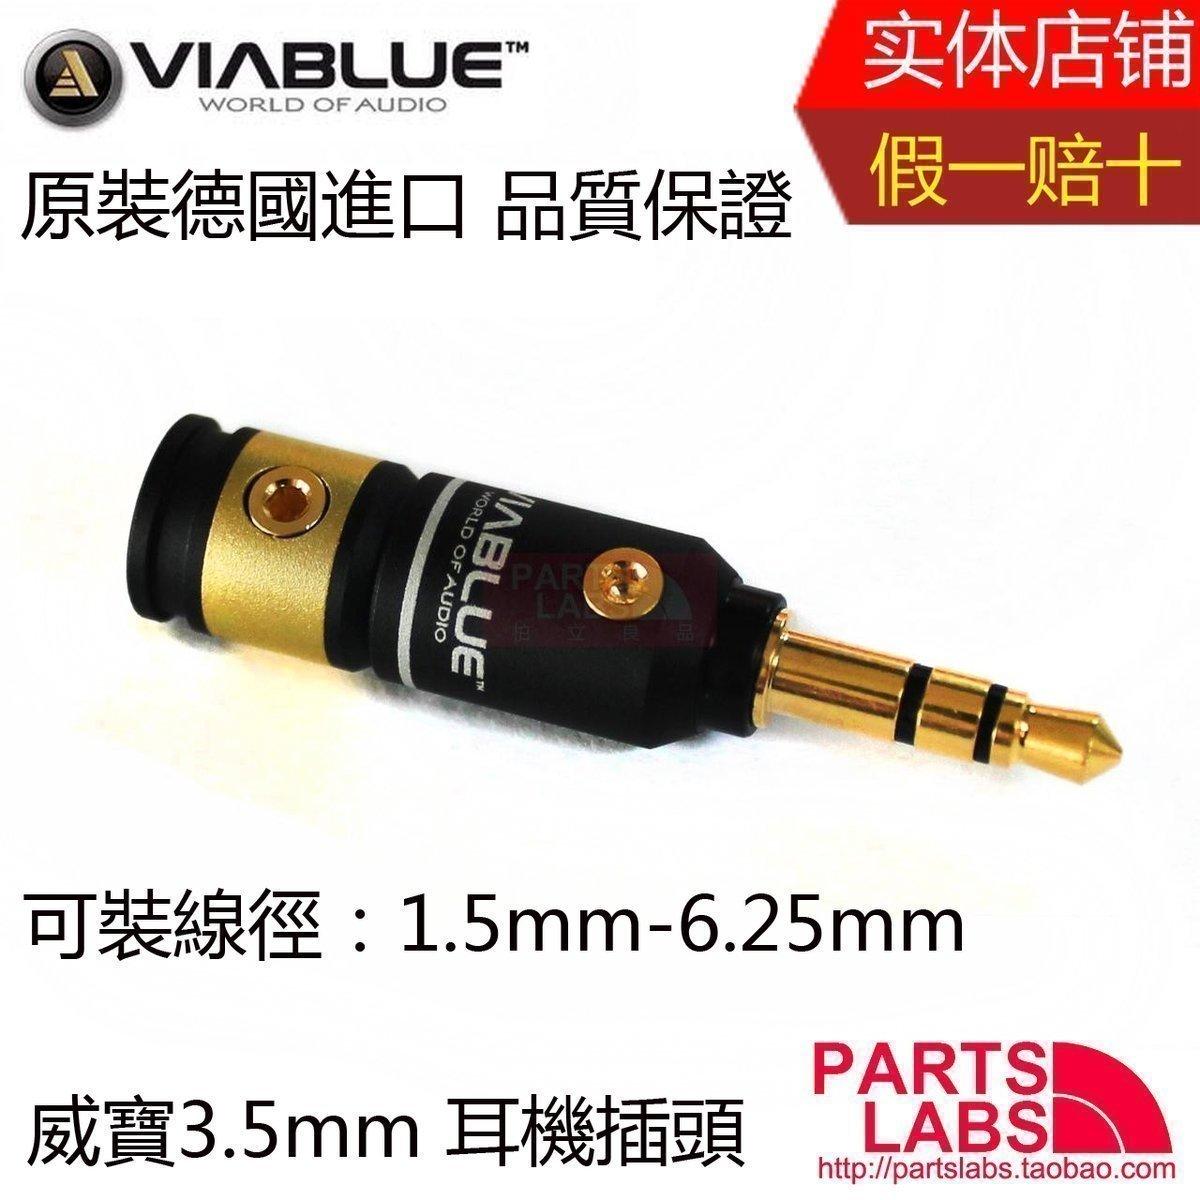 原裝德國 VIABLUE 威寶 T6s 3.5mm DIY維修 耳機插頭 鍍金新版